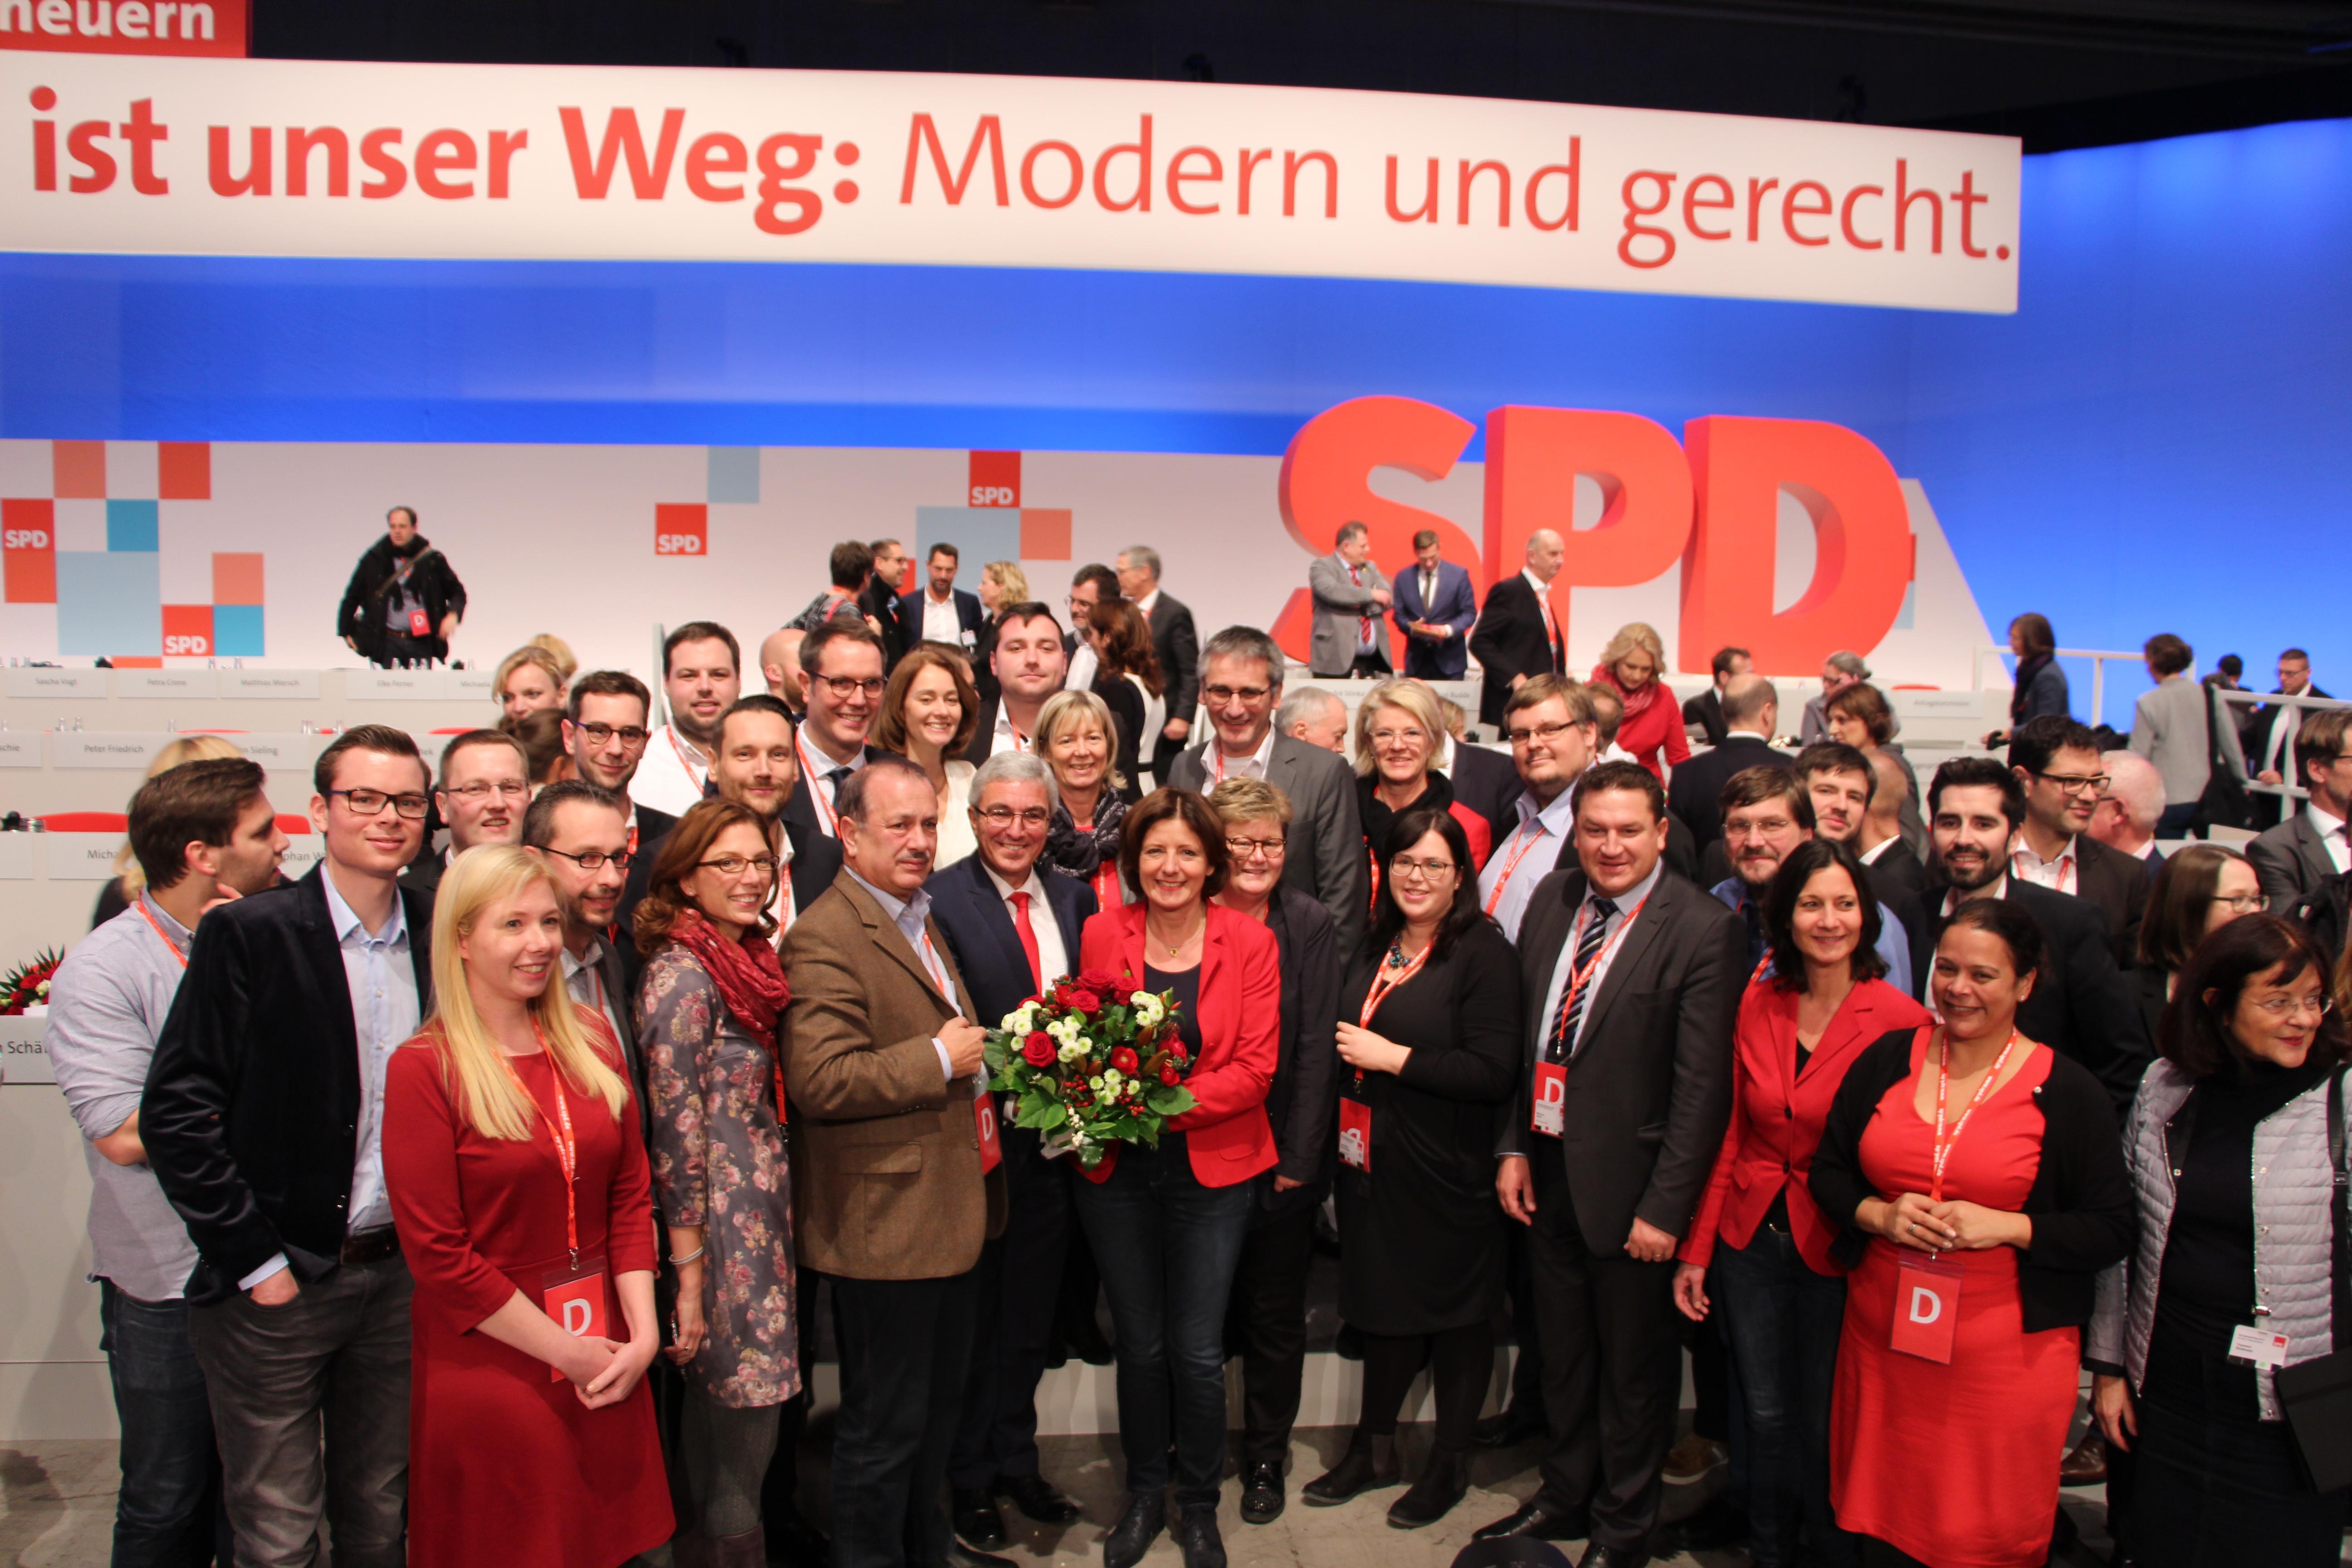 Malu Dreyer als stellvertretende SPD-Vorsitzende gewählt!